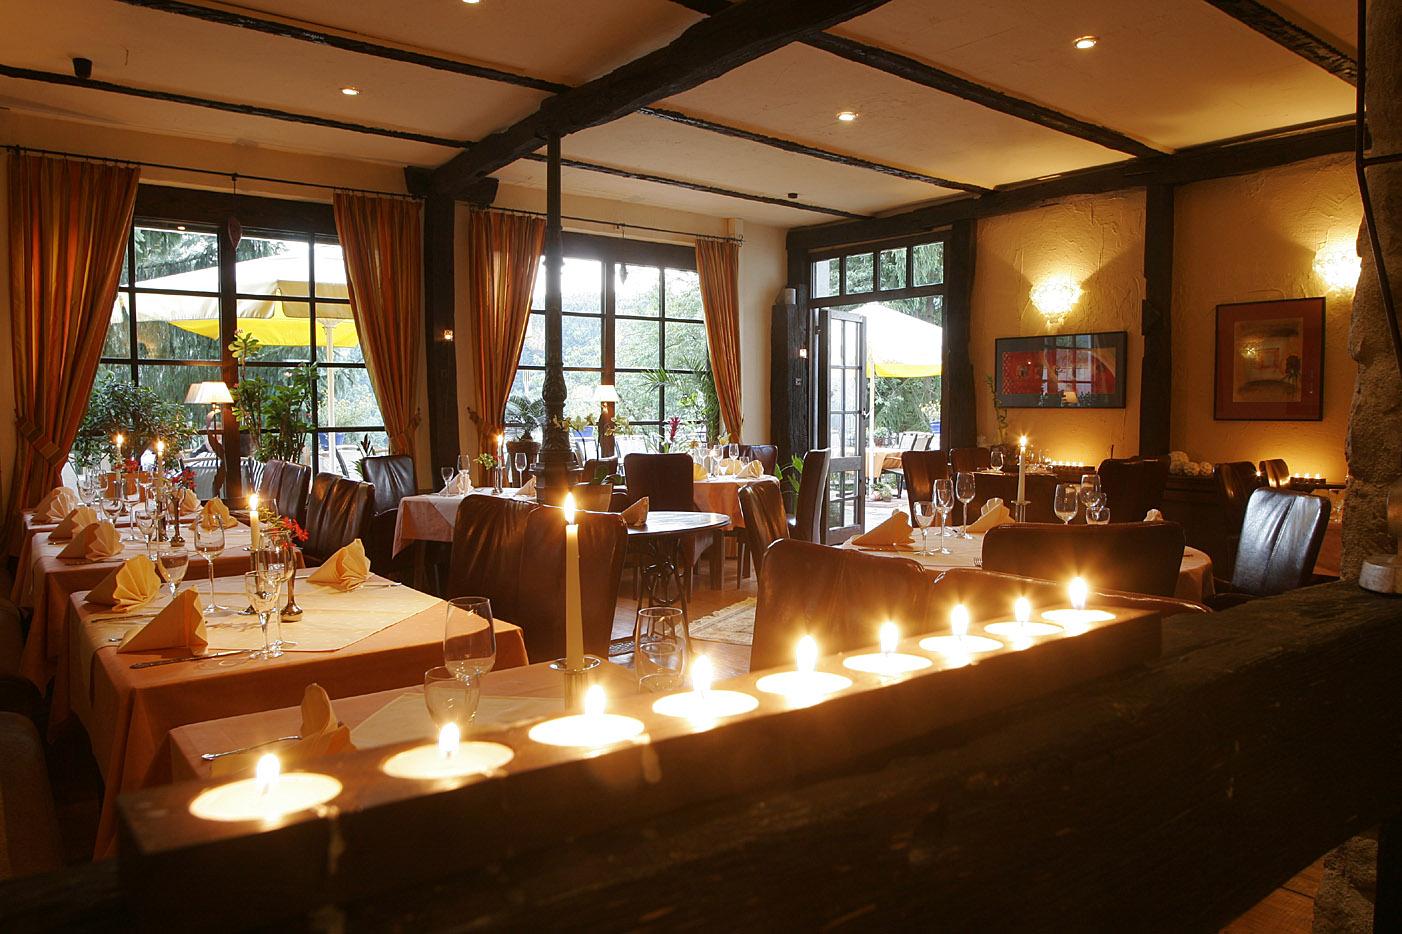 nassau-restaurant-panorama-innenansicht